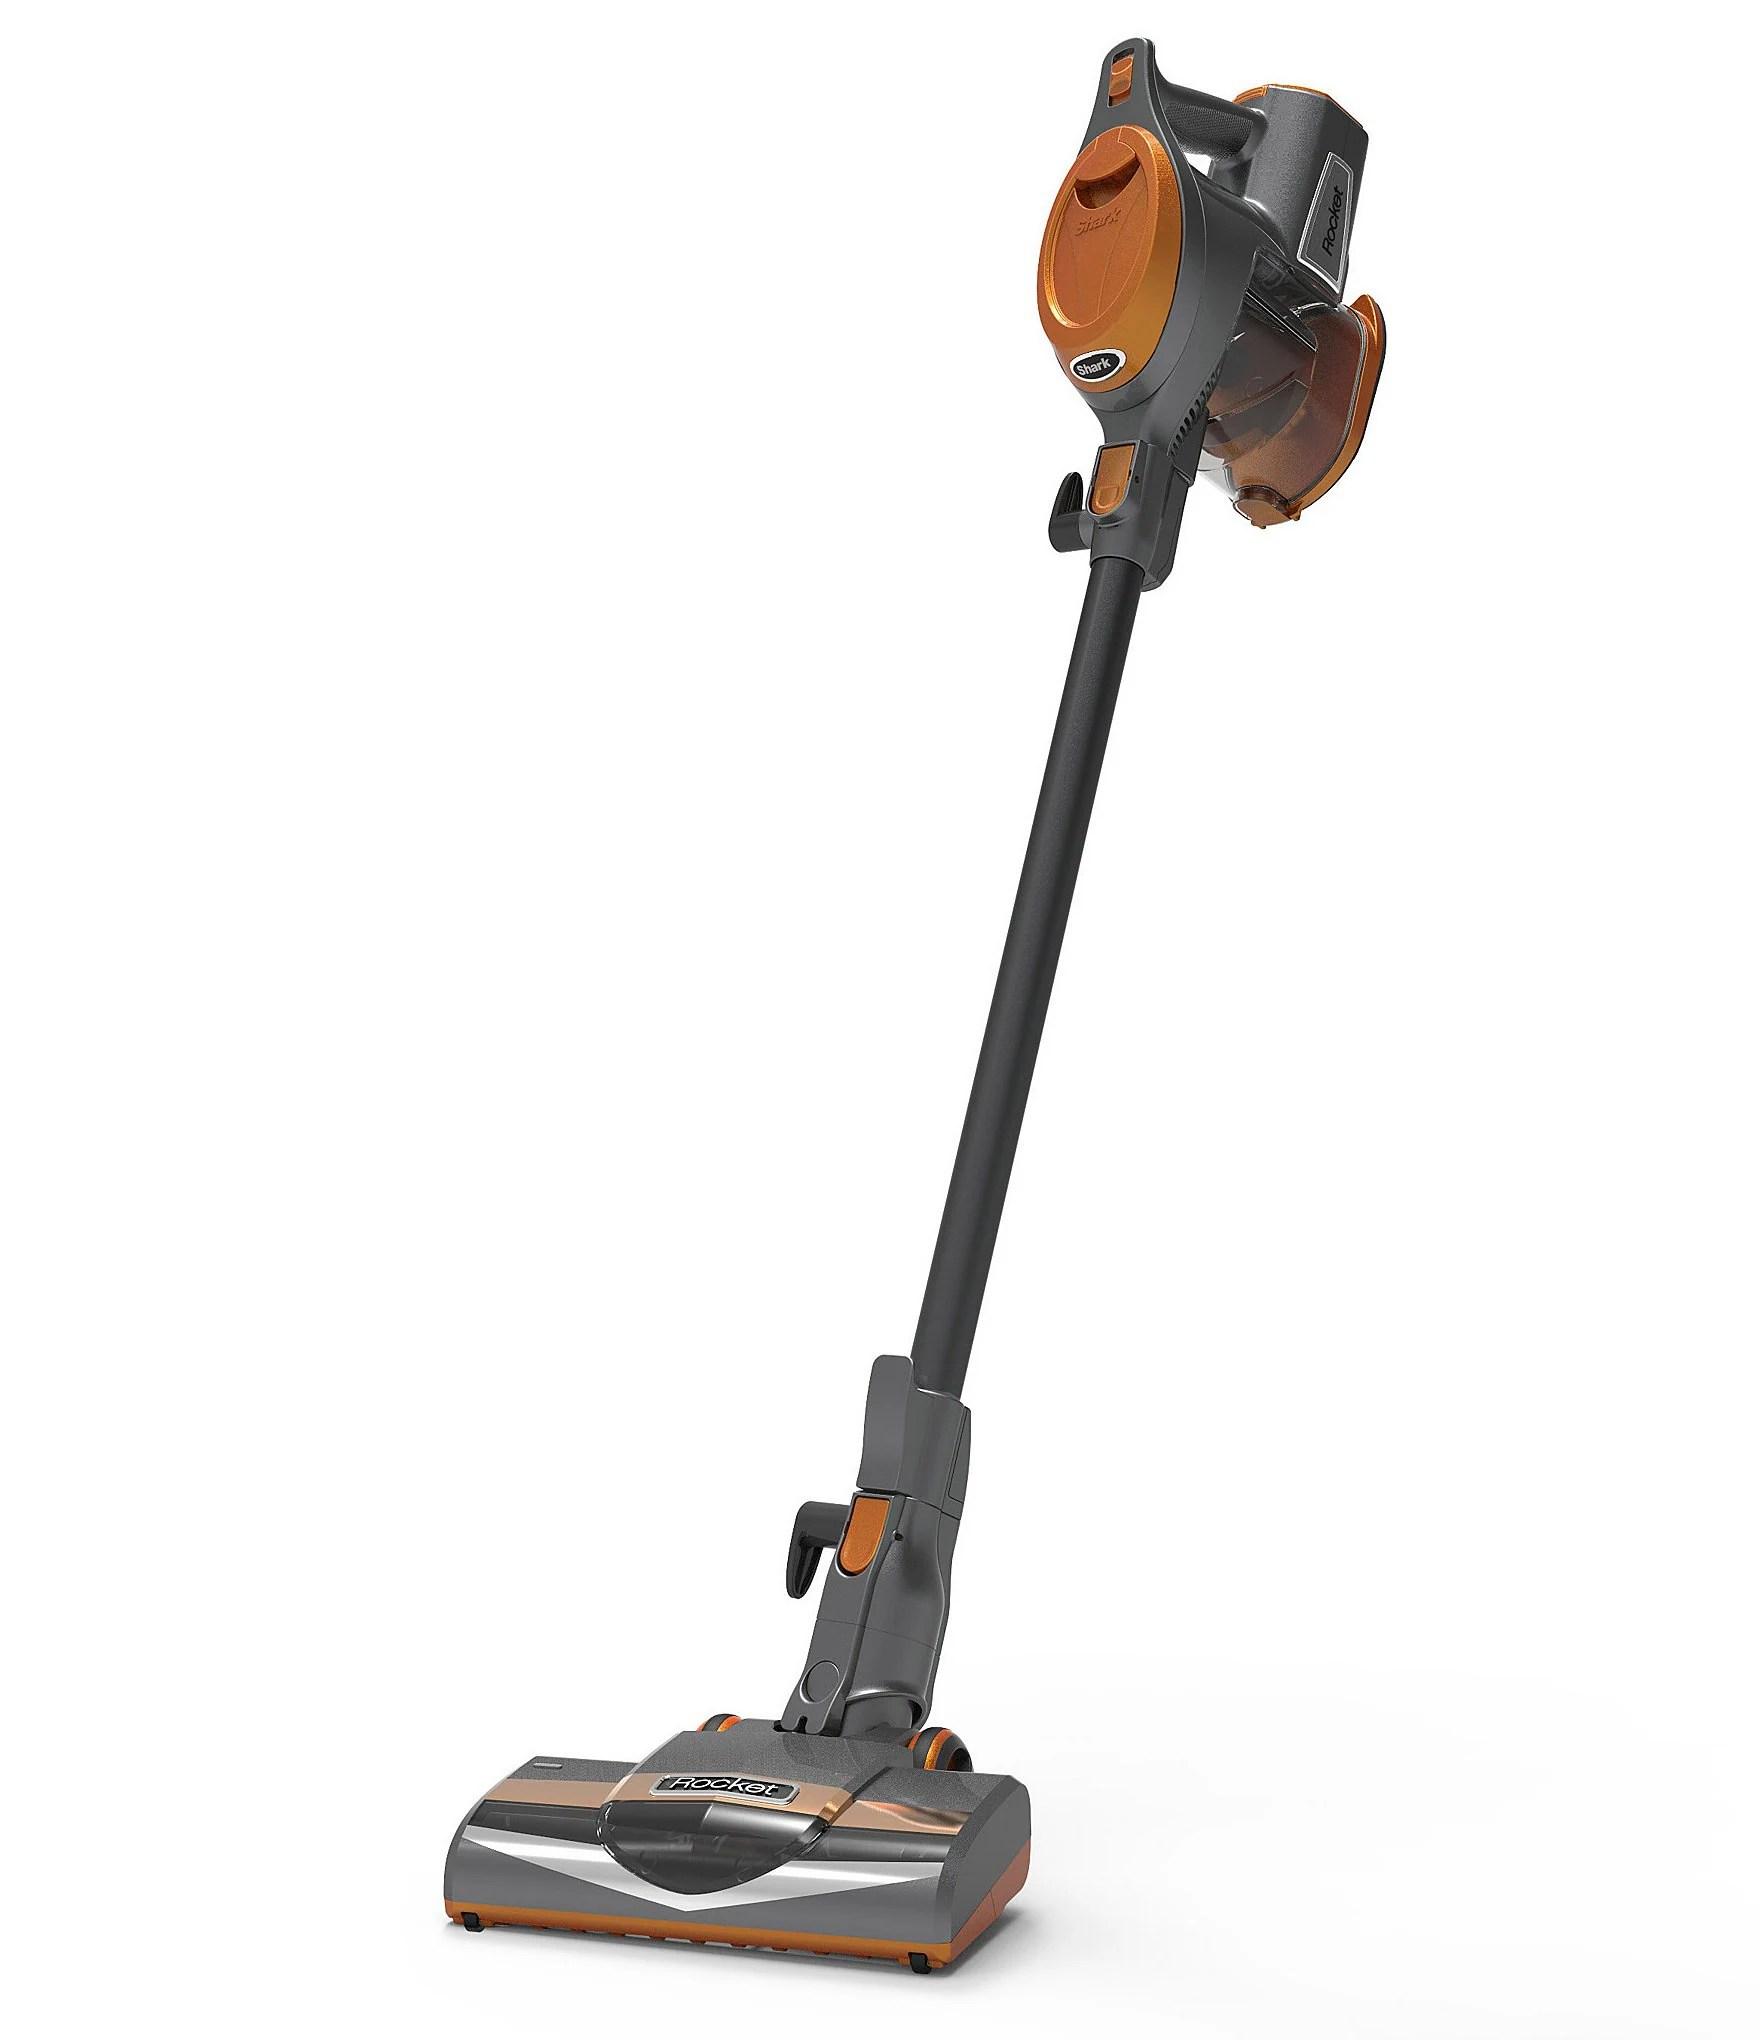 Shark Rocket Ultra Light Weight Stick Vacuum Cleaner Dillards